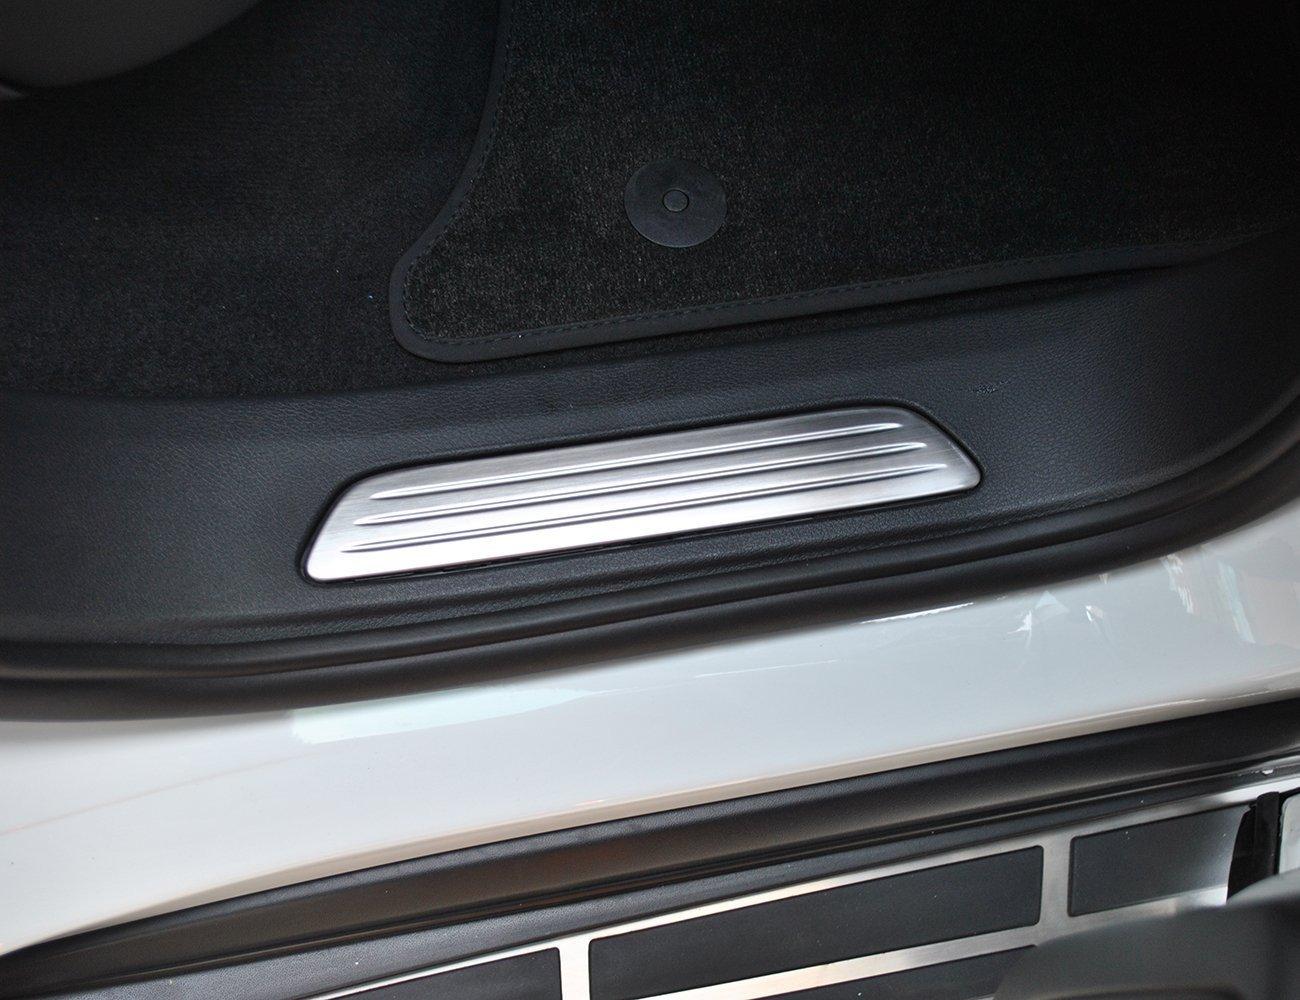 Carbon à accessoires en acier inoxydable plaque de seuil de seuil de porte de protection Décoration Coque Trim Stickers pour Cayenne S Luxuqo